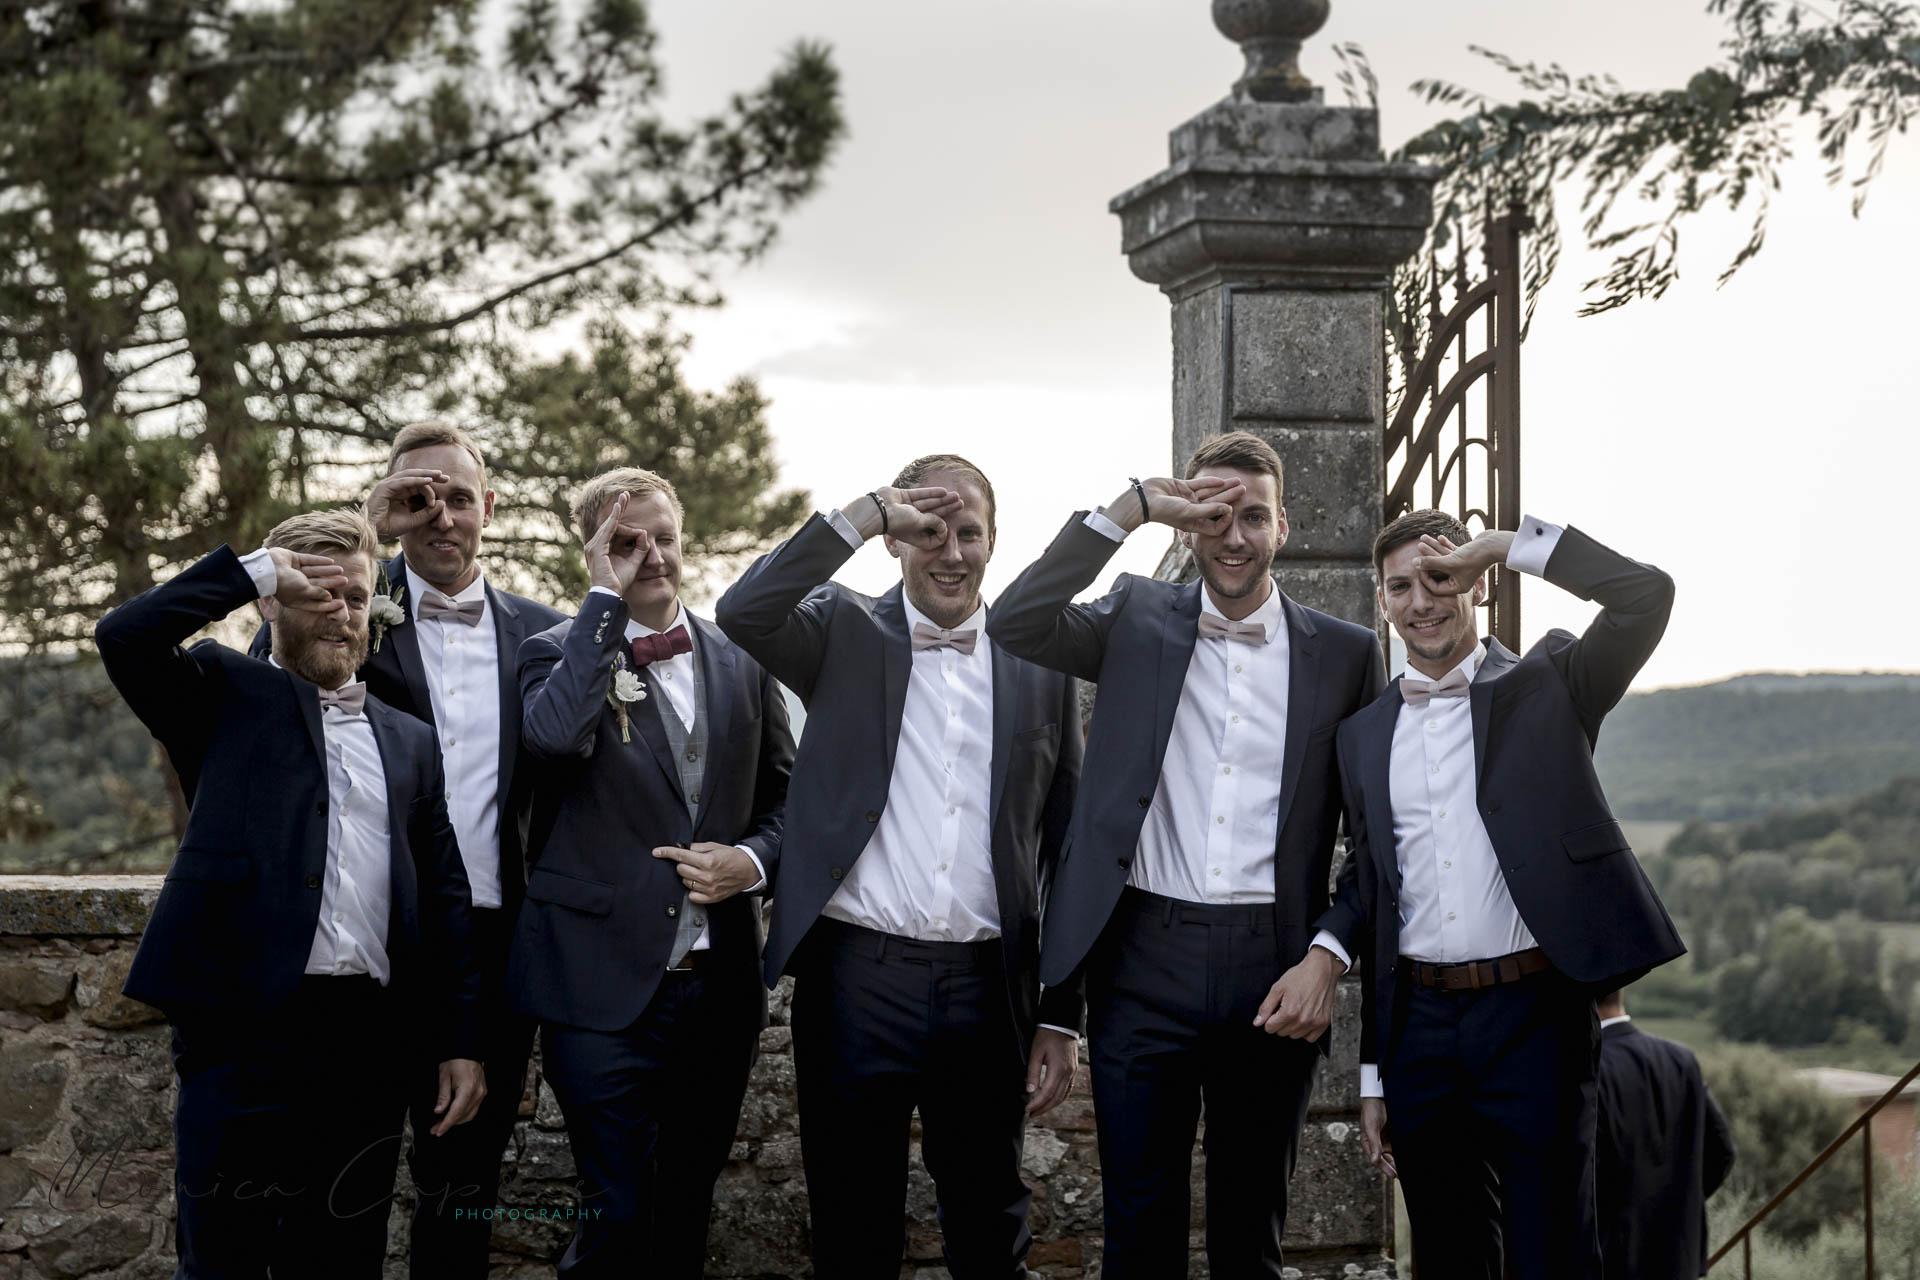 fotografo-per-matrimonio-roma